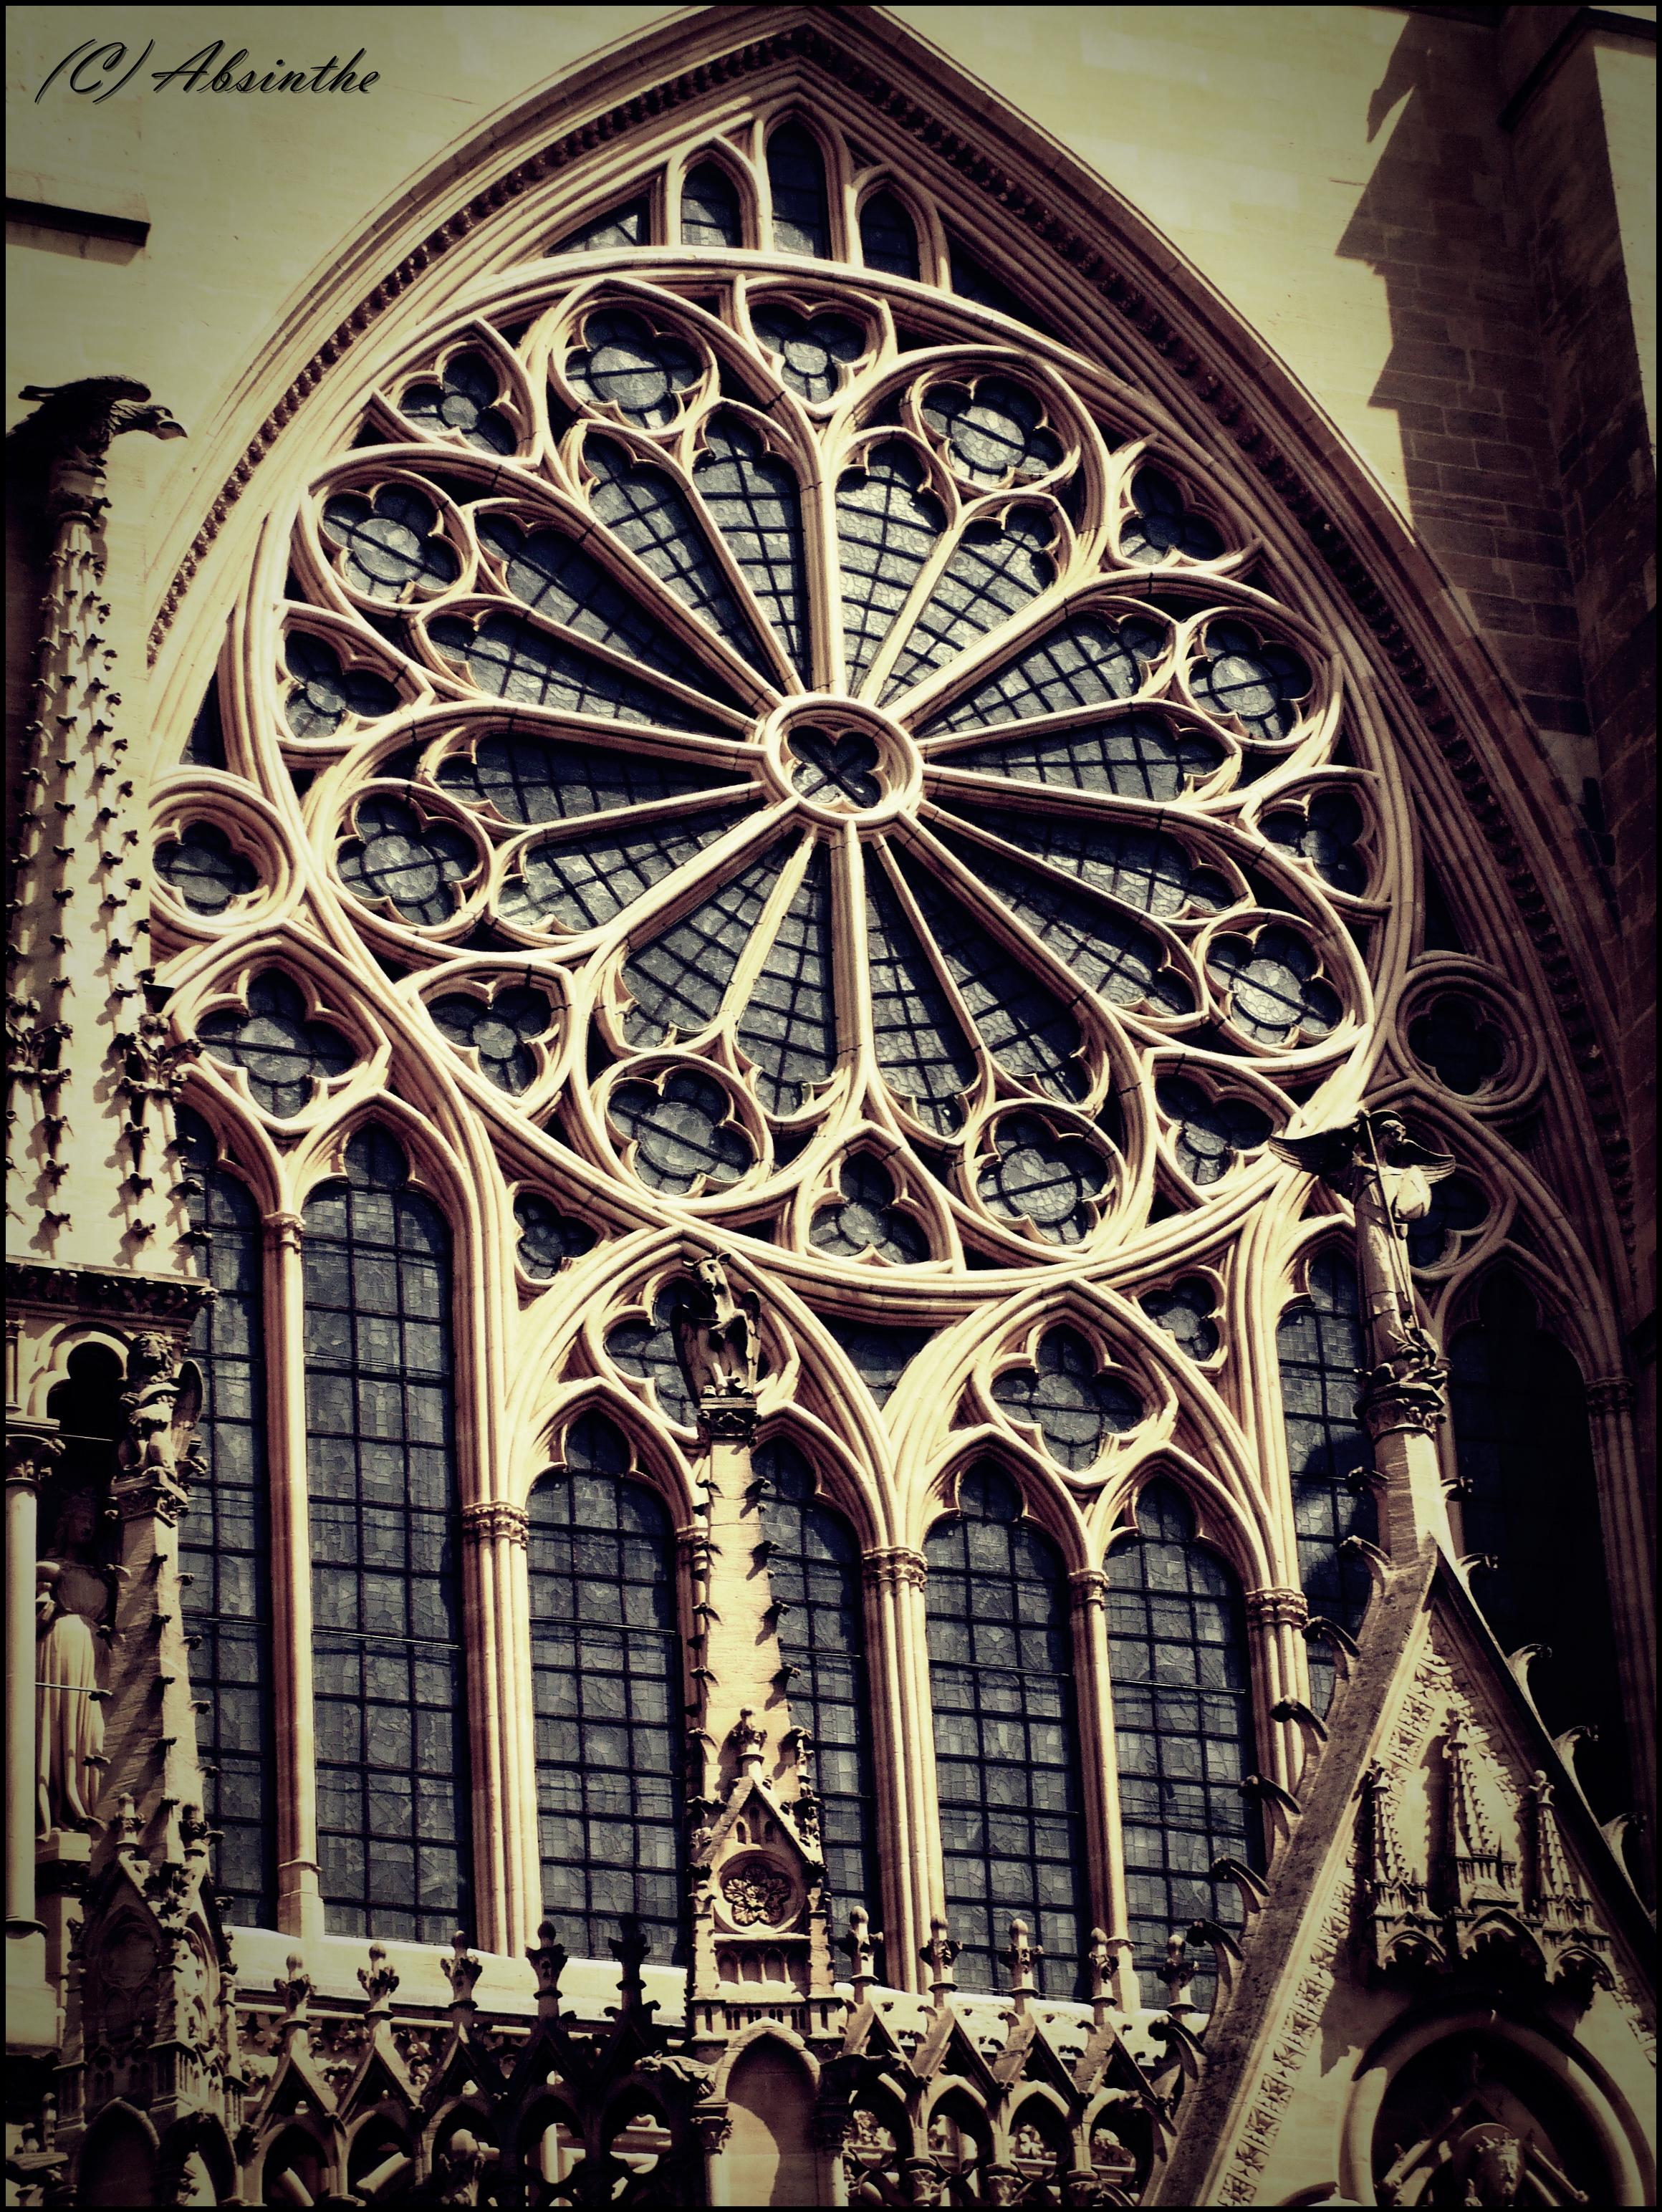 Ceramics: Gothic Architecture